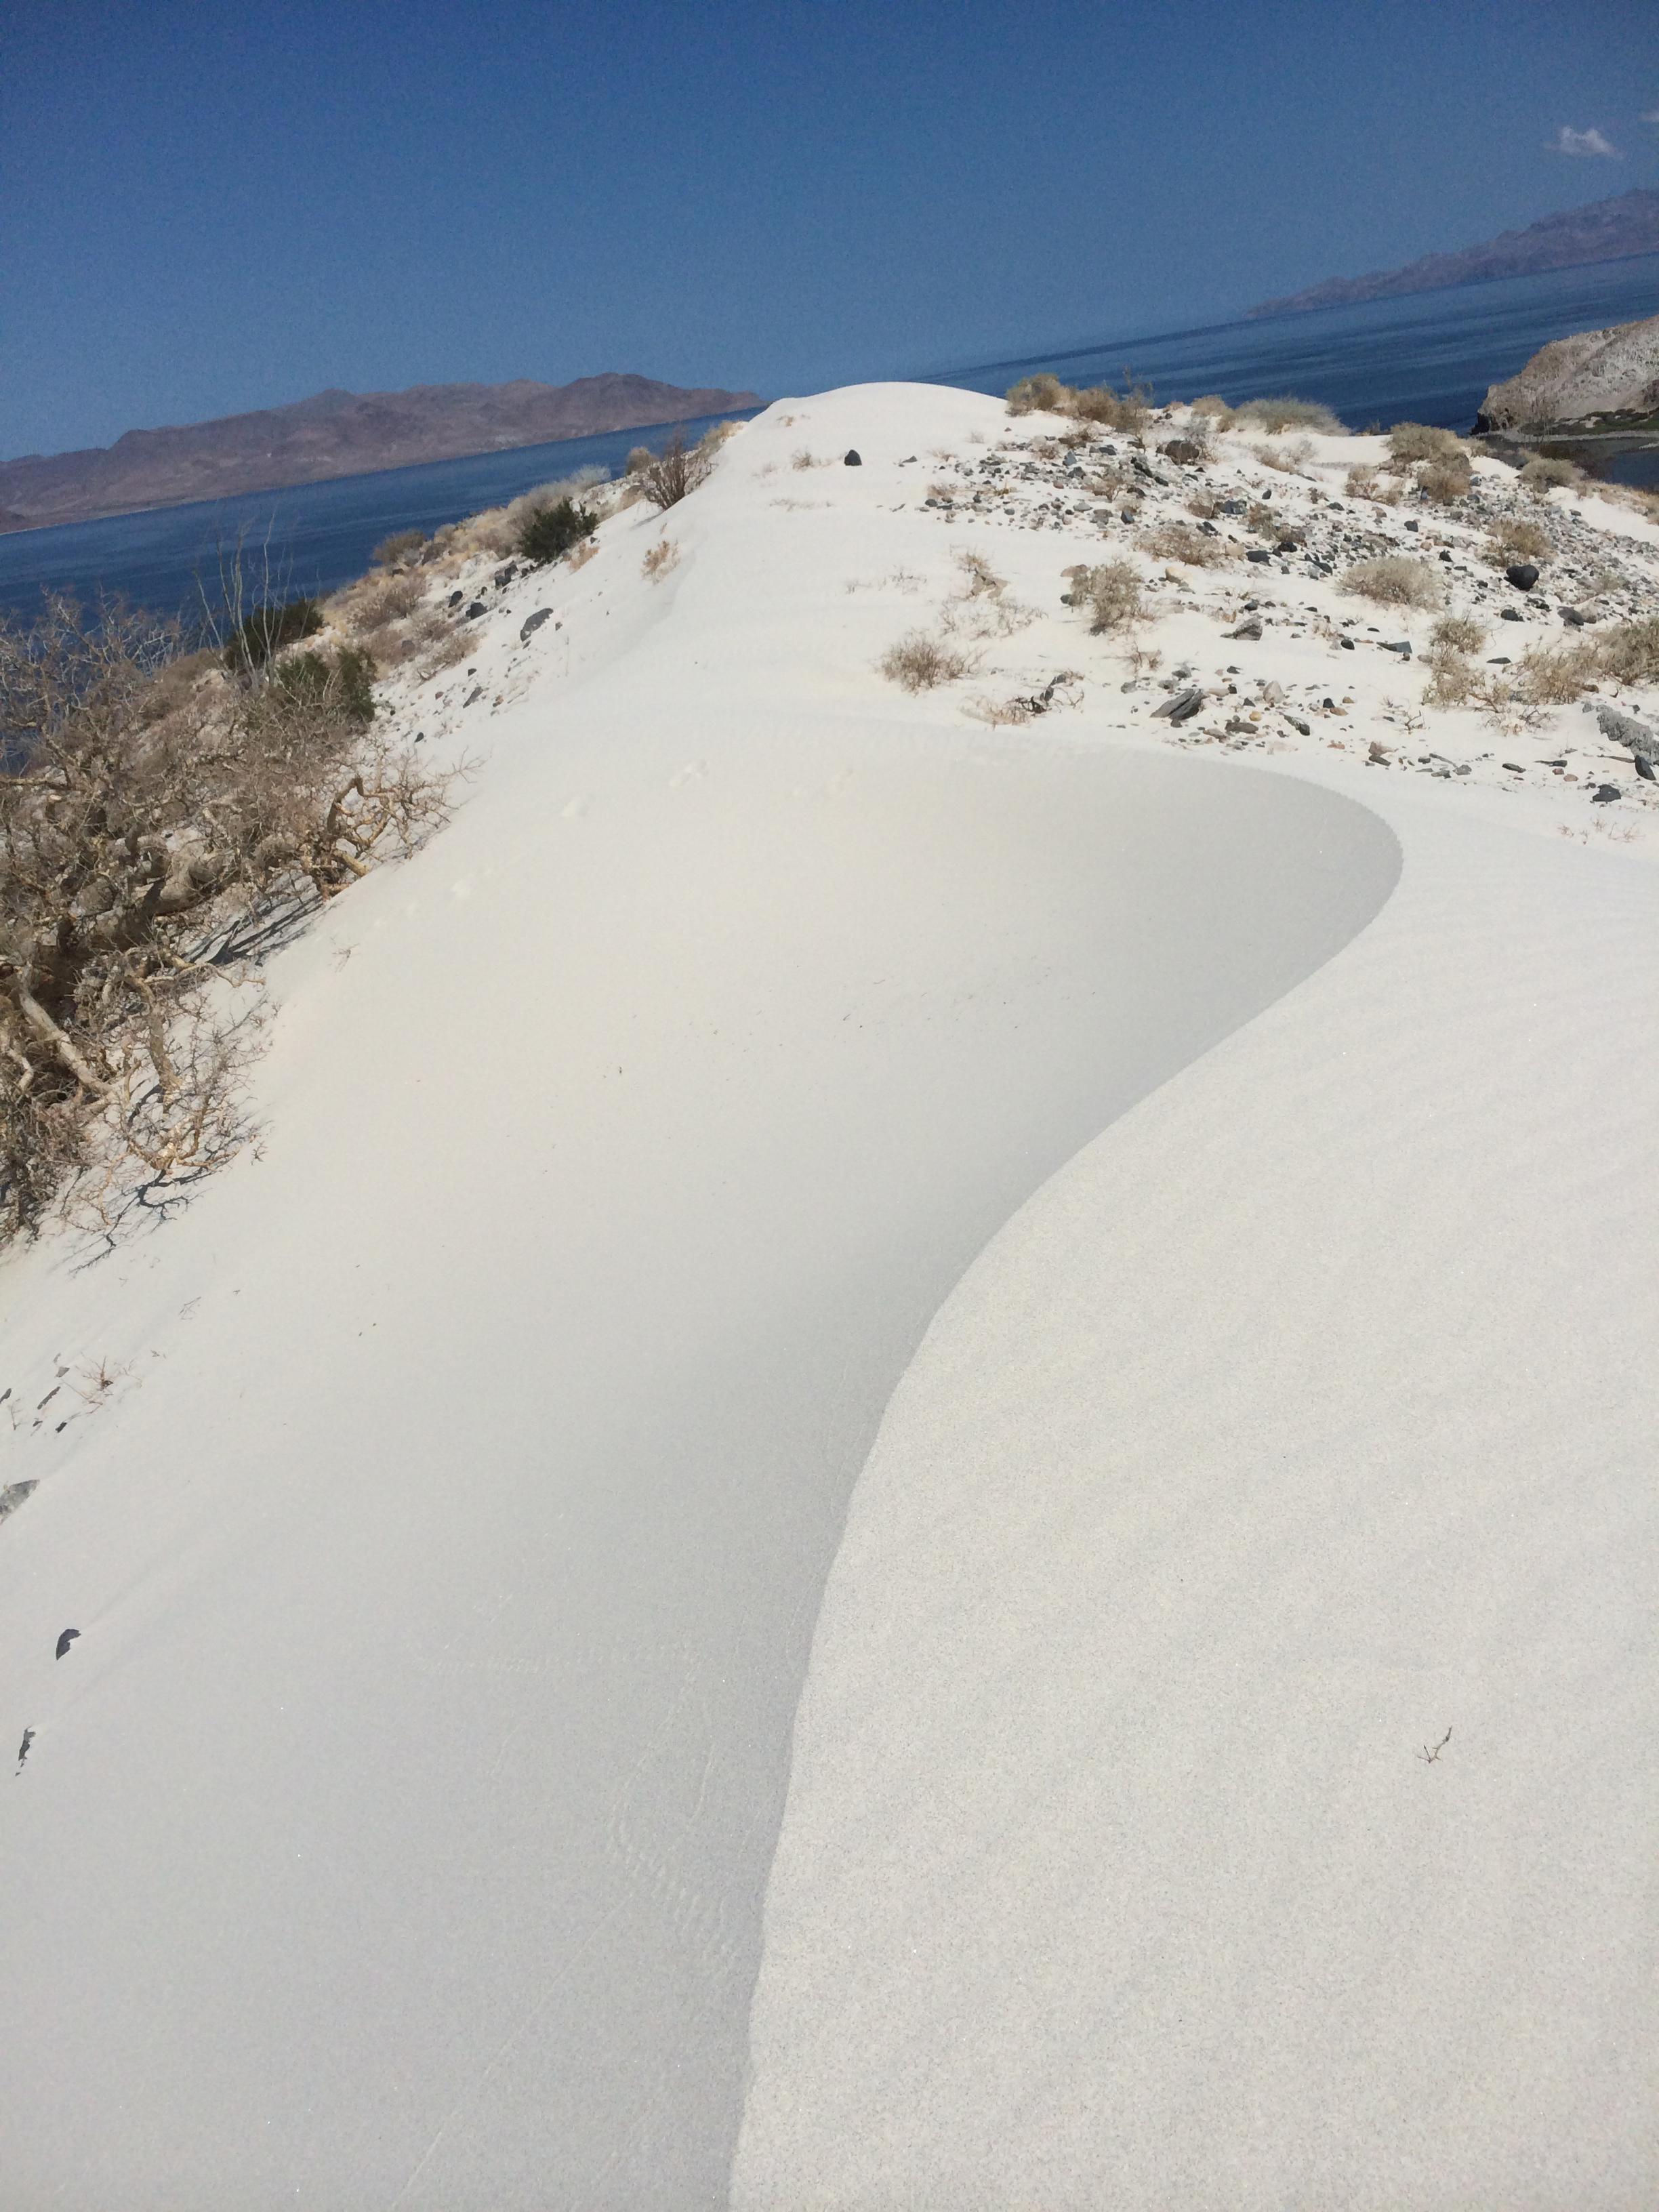 Alca Sand dune top